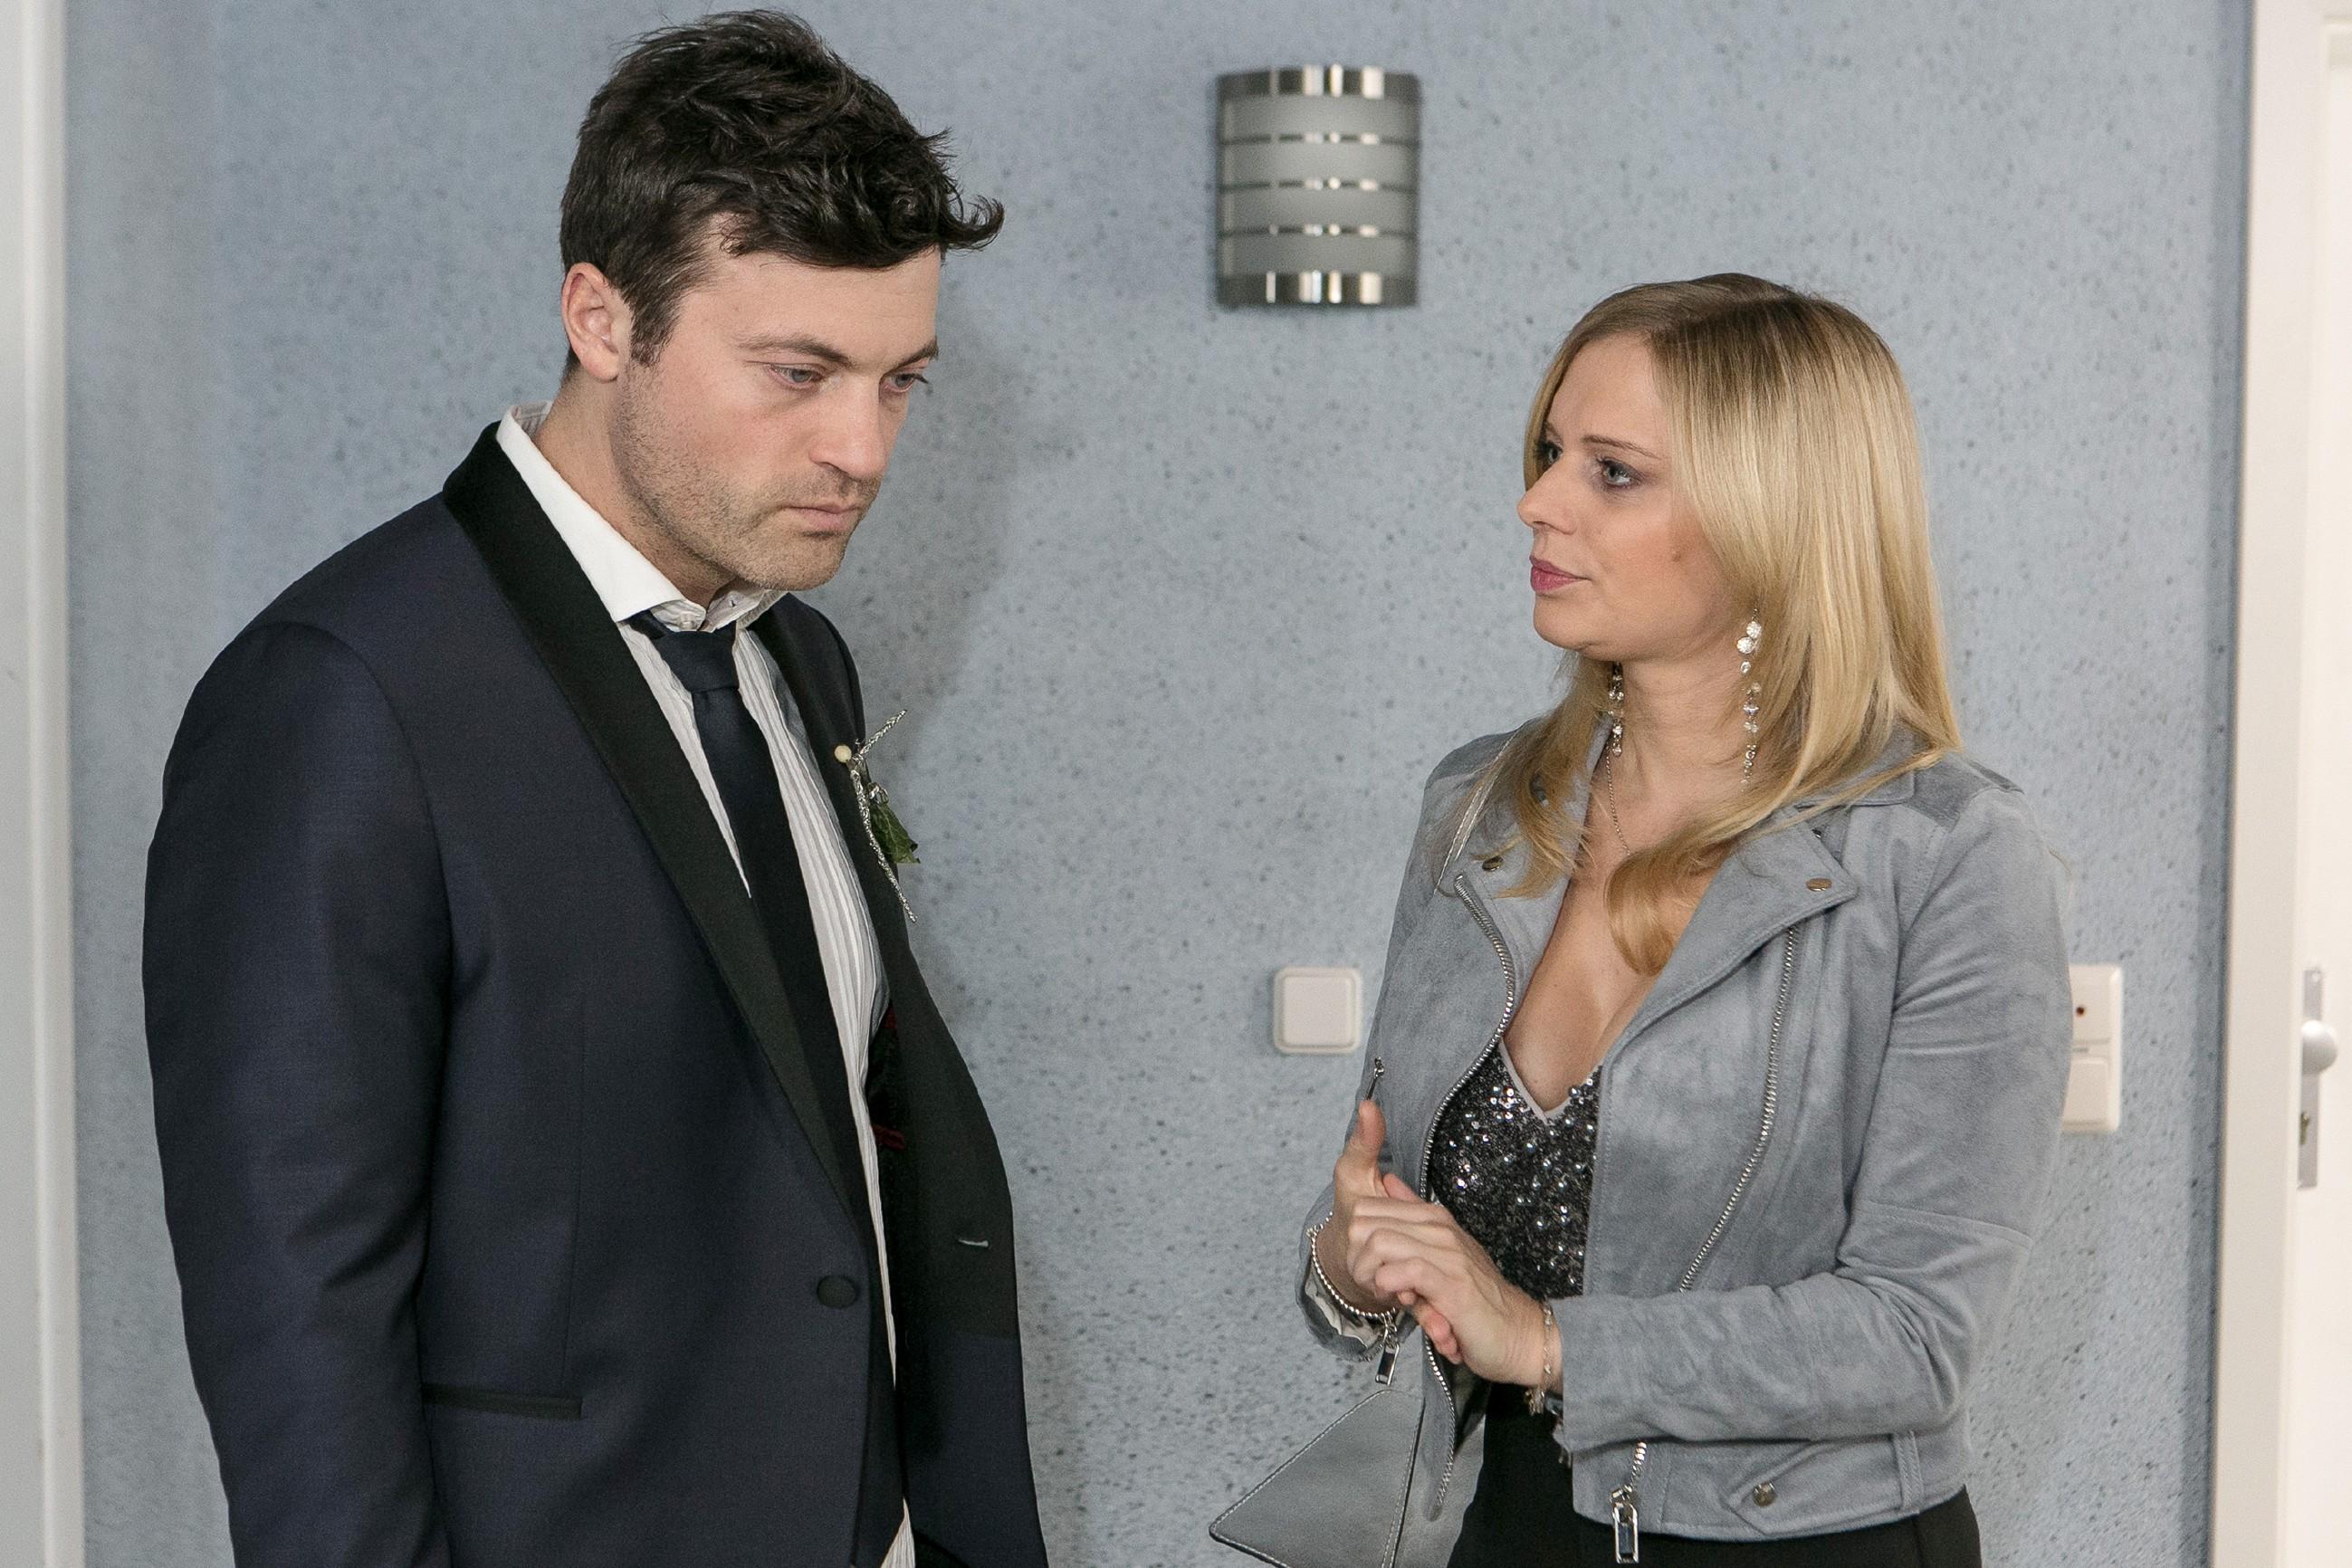 Lena (Juliette Greco) versucht Ben (Jörg Rohde) zu überzeugen, dass Carmen ihn aufrichtig liebt, doch Ben ist nicht sicher, was er glauben, geschweige denn tun soll.